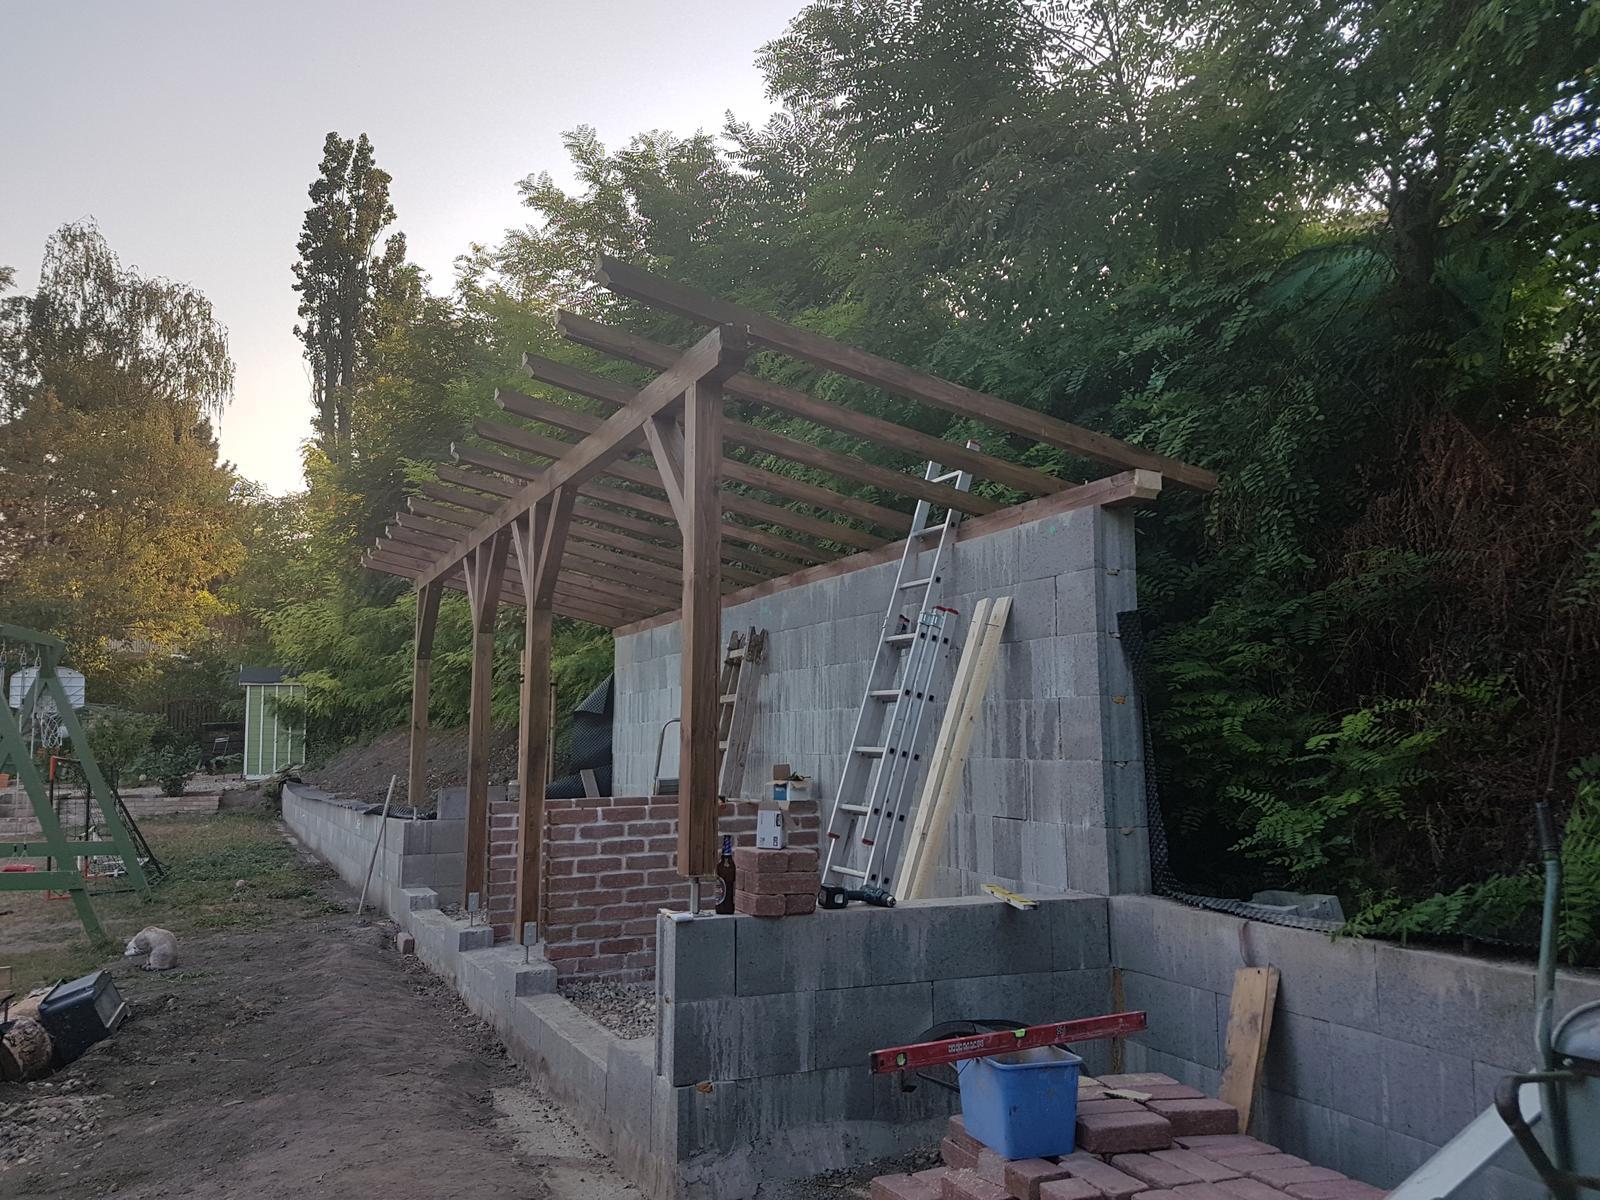 Drevník a kafé kútik - projekt roku  2018 - Obrázek č. 52